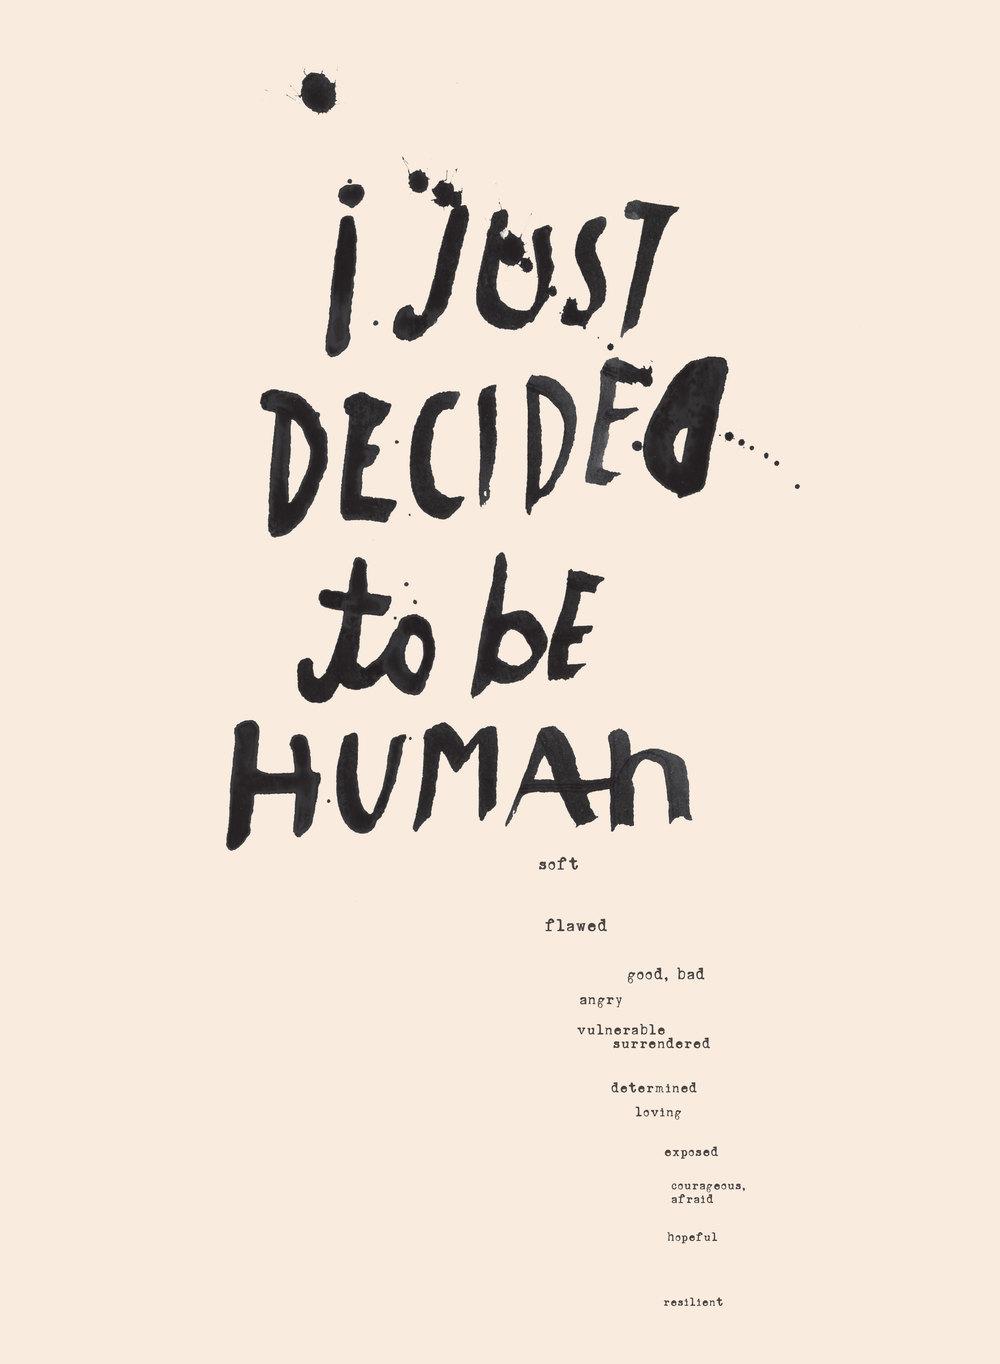 Image credit: Trina Spiller Design